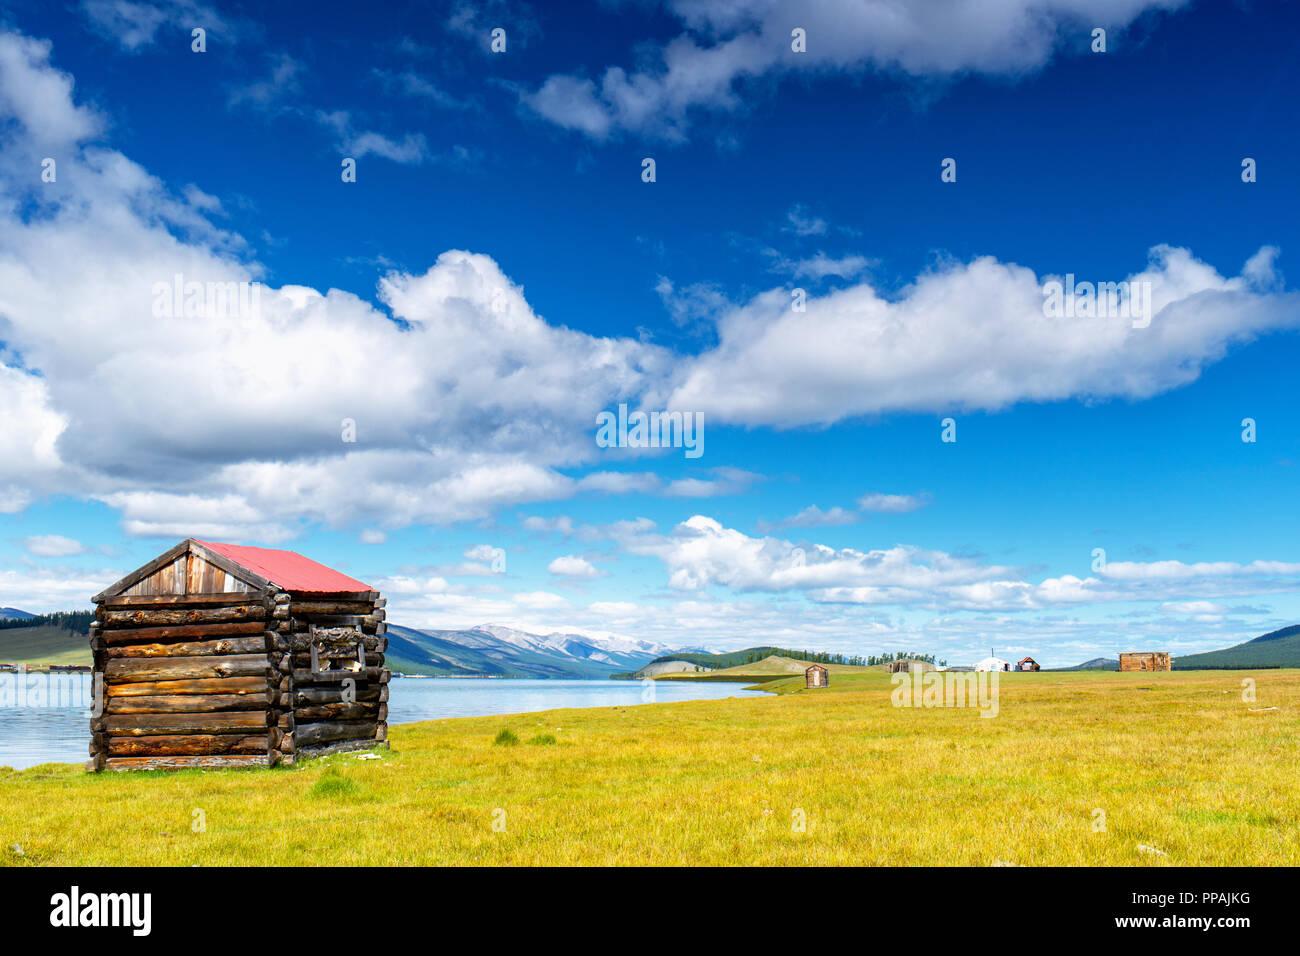 Pequeña cabaña y una marcha en el lago Khovsgol shore, Khatgal, Mongolia Imagen De Stock